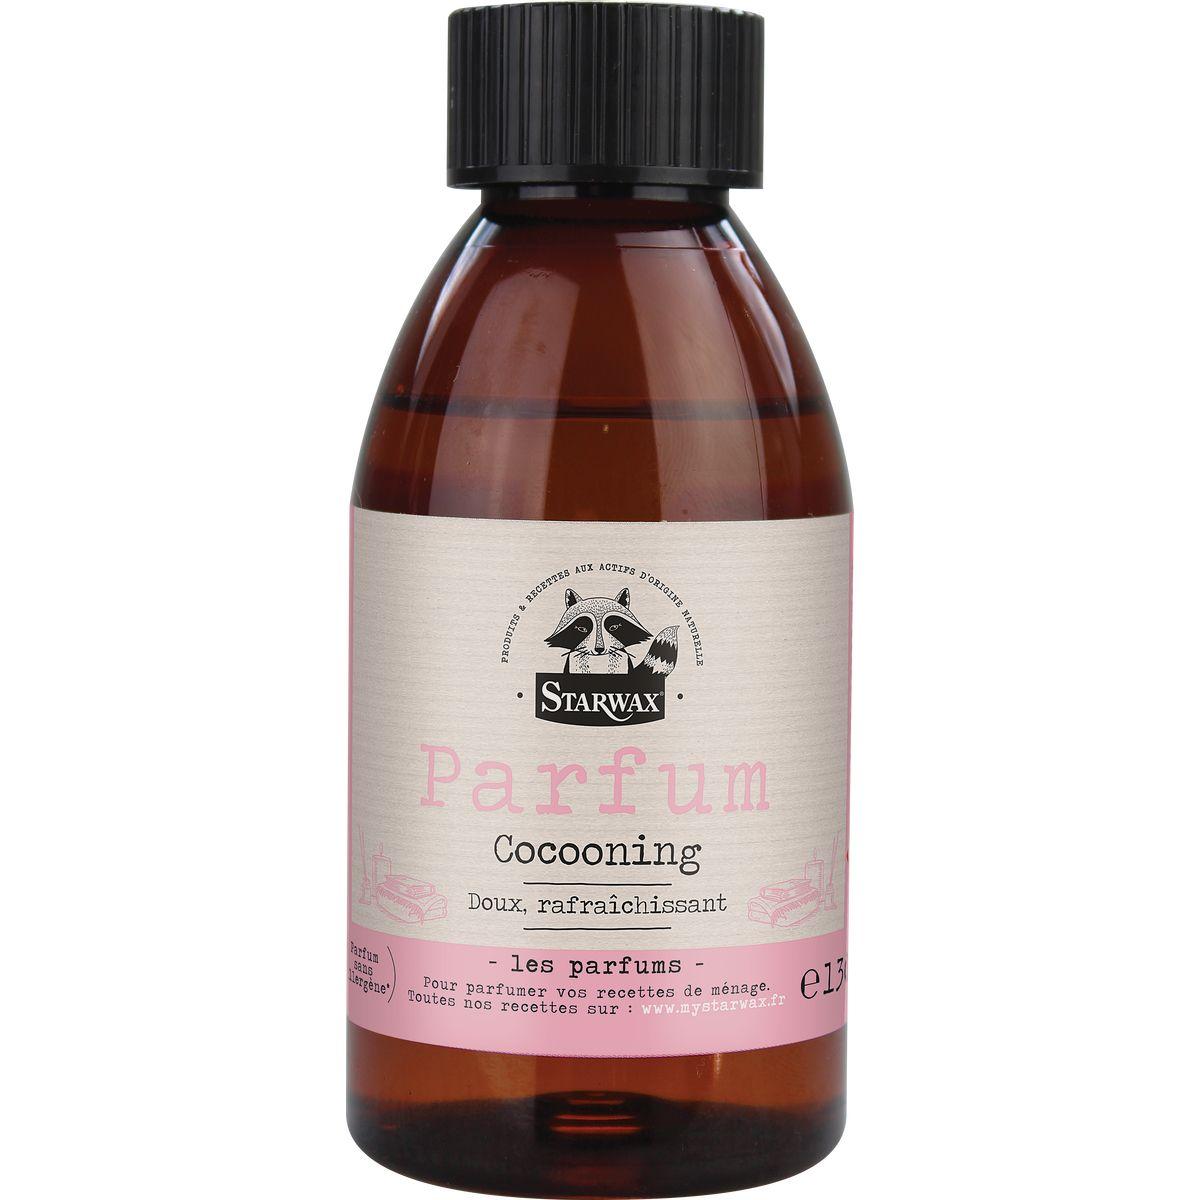 Parfum cocooning 130ml - My Starwax